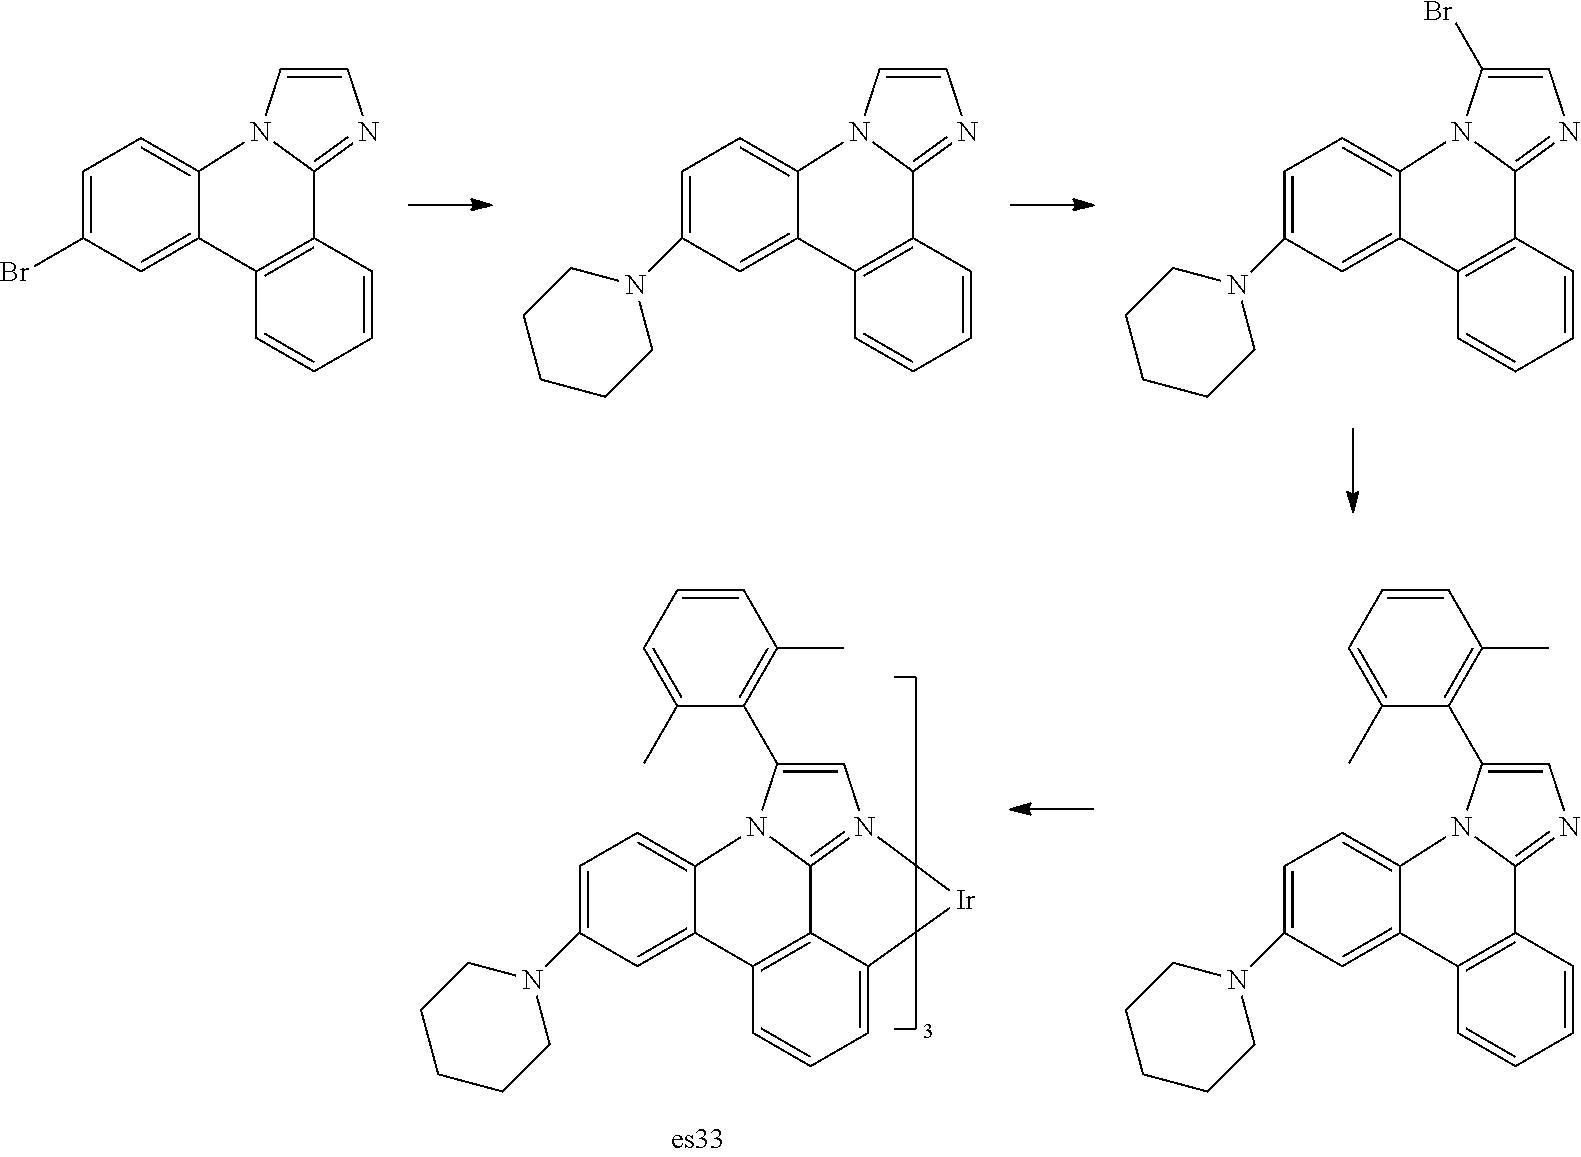 Figure US20110073849A1-20110331-C00169